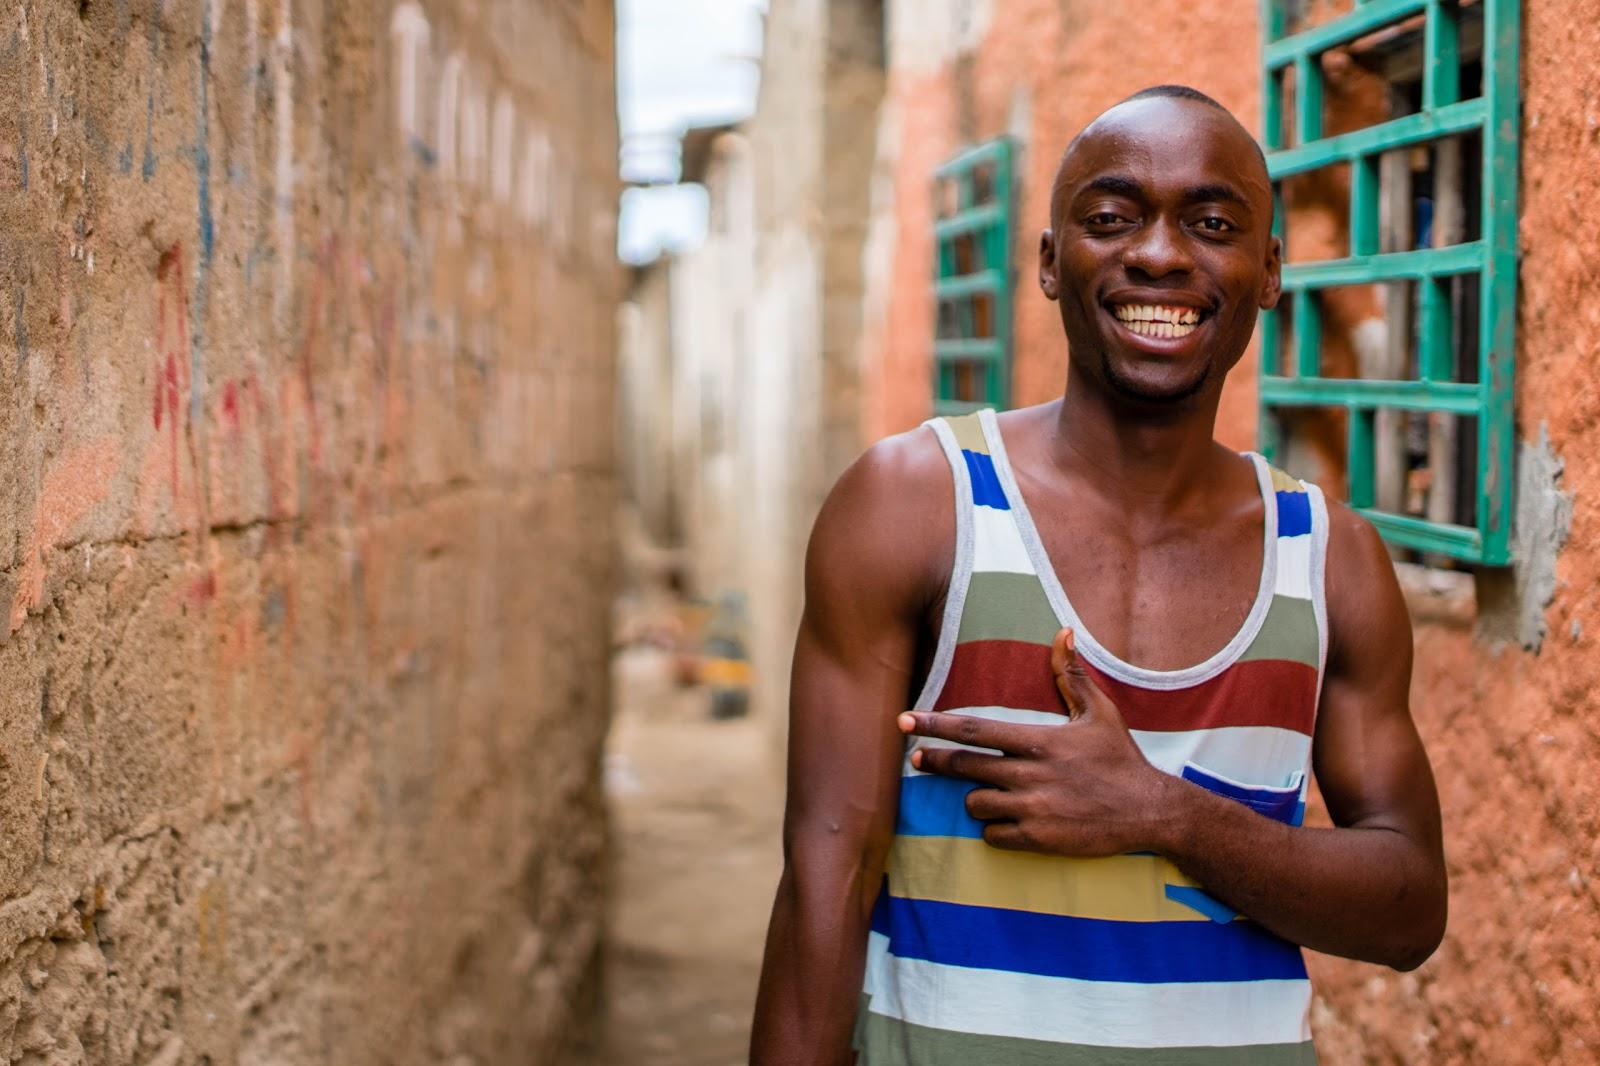 路地で黒人男性が白い歯を見せて笑っている